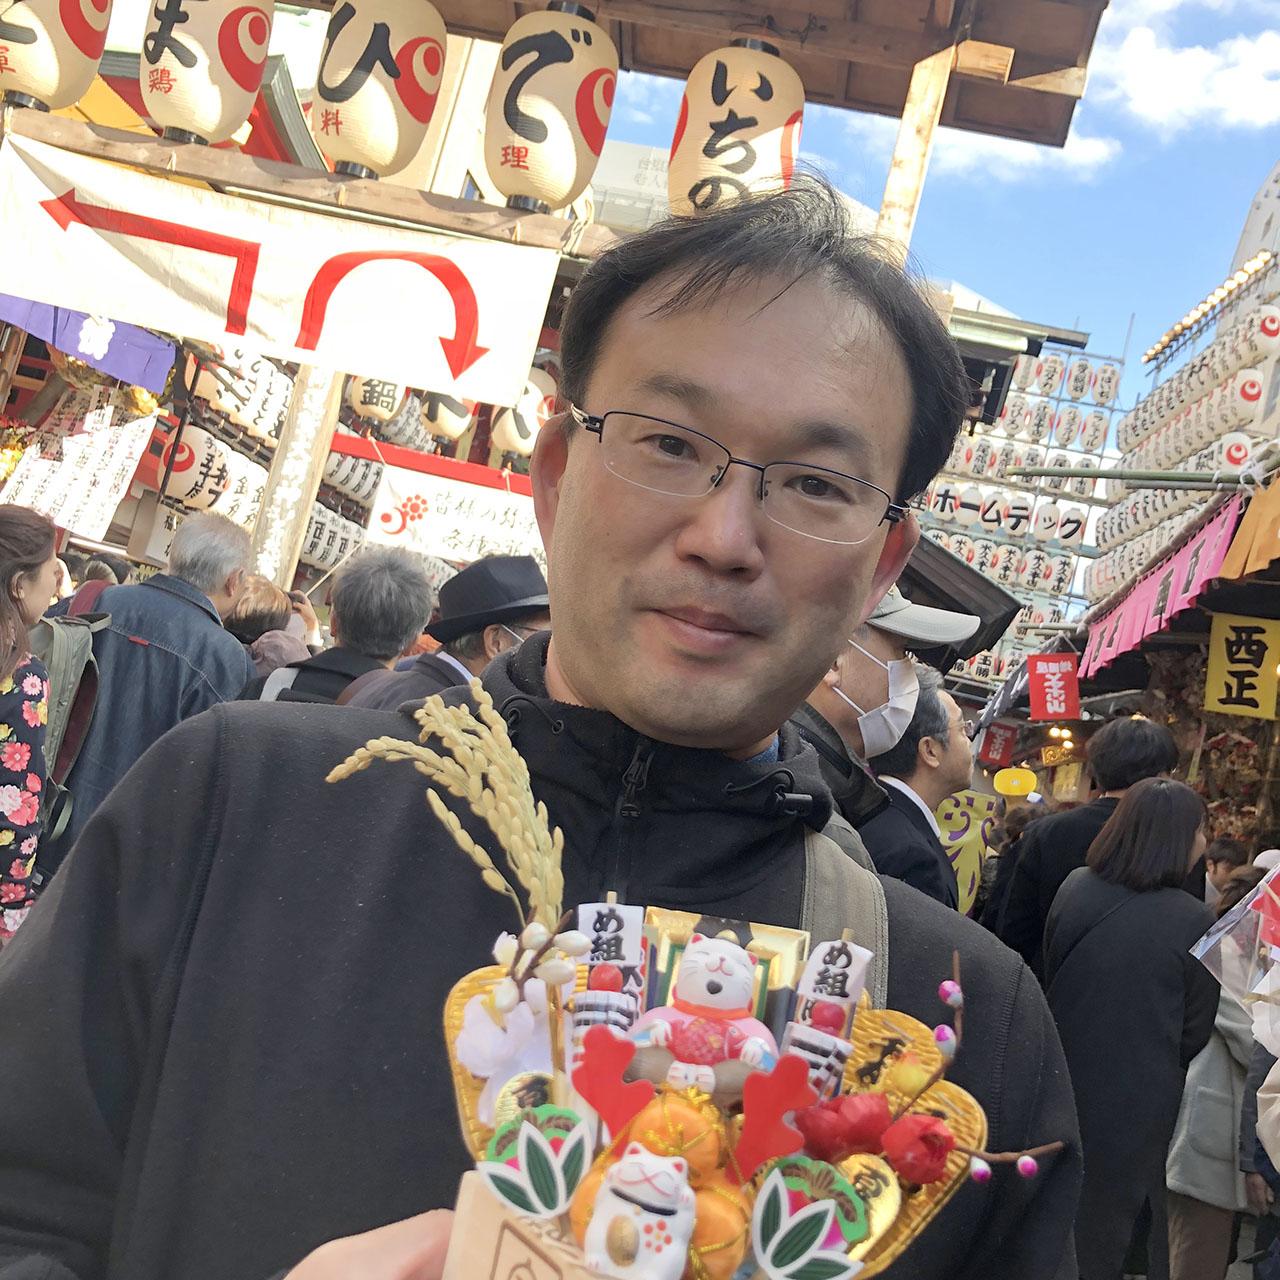 吉田知也プロフィール画像